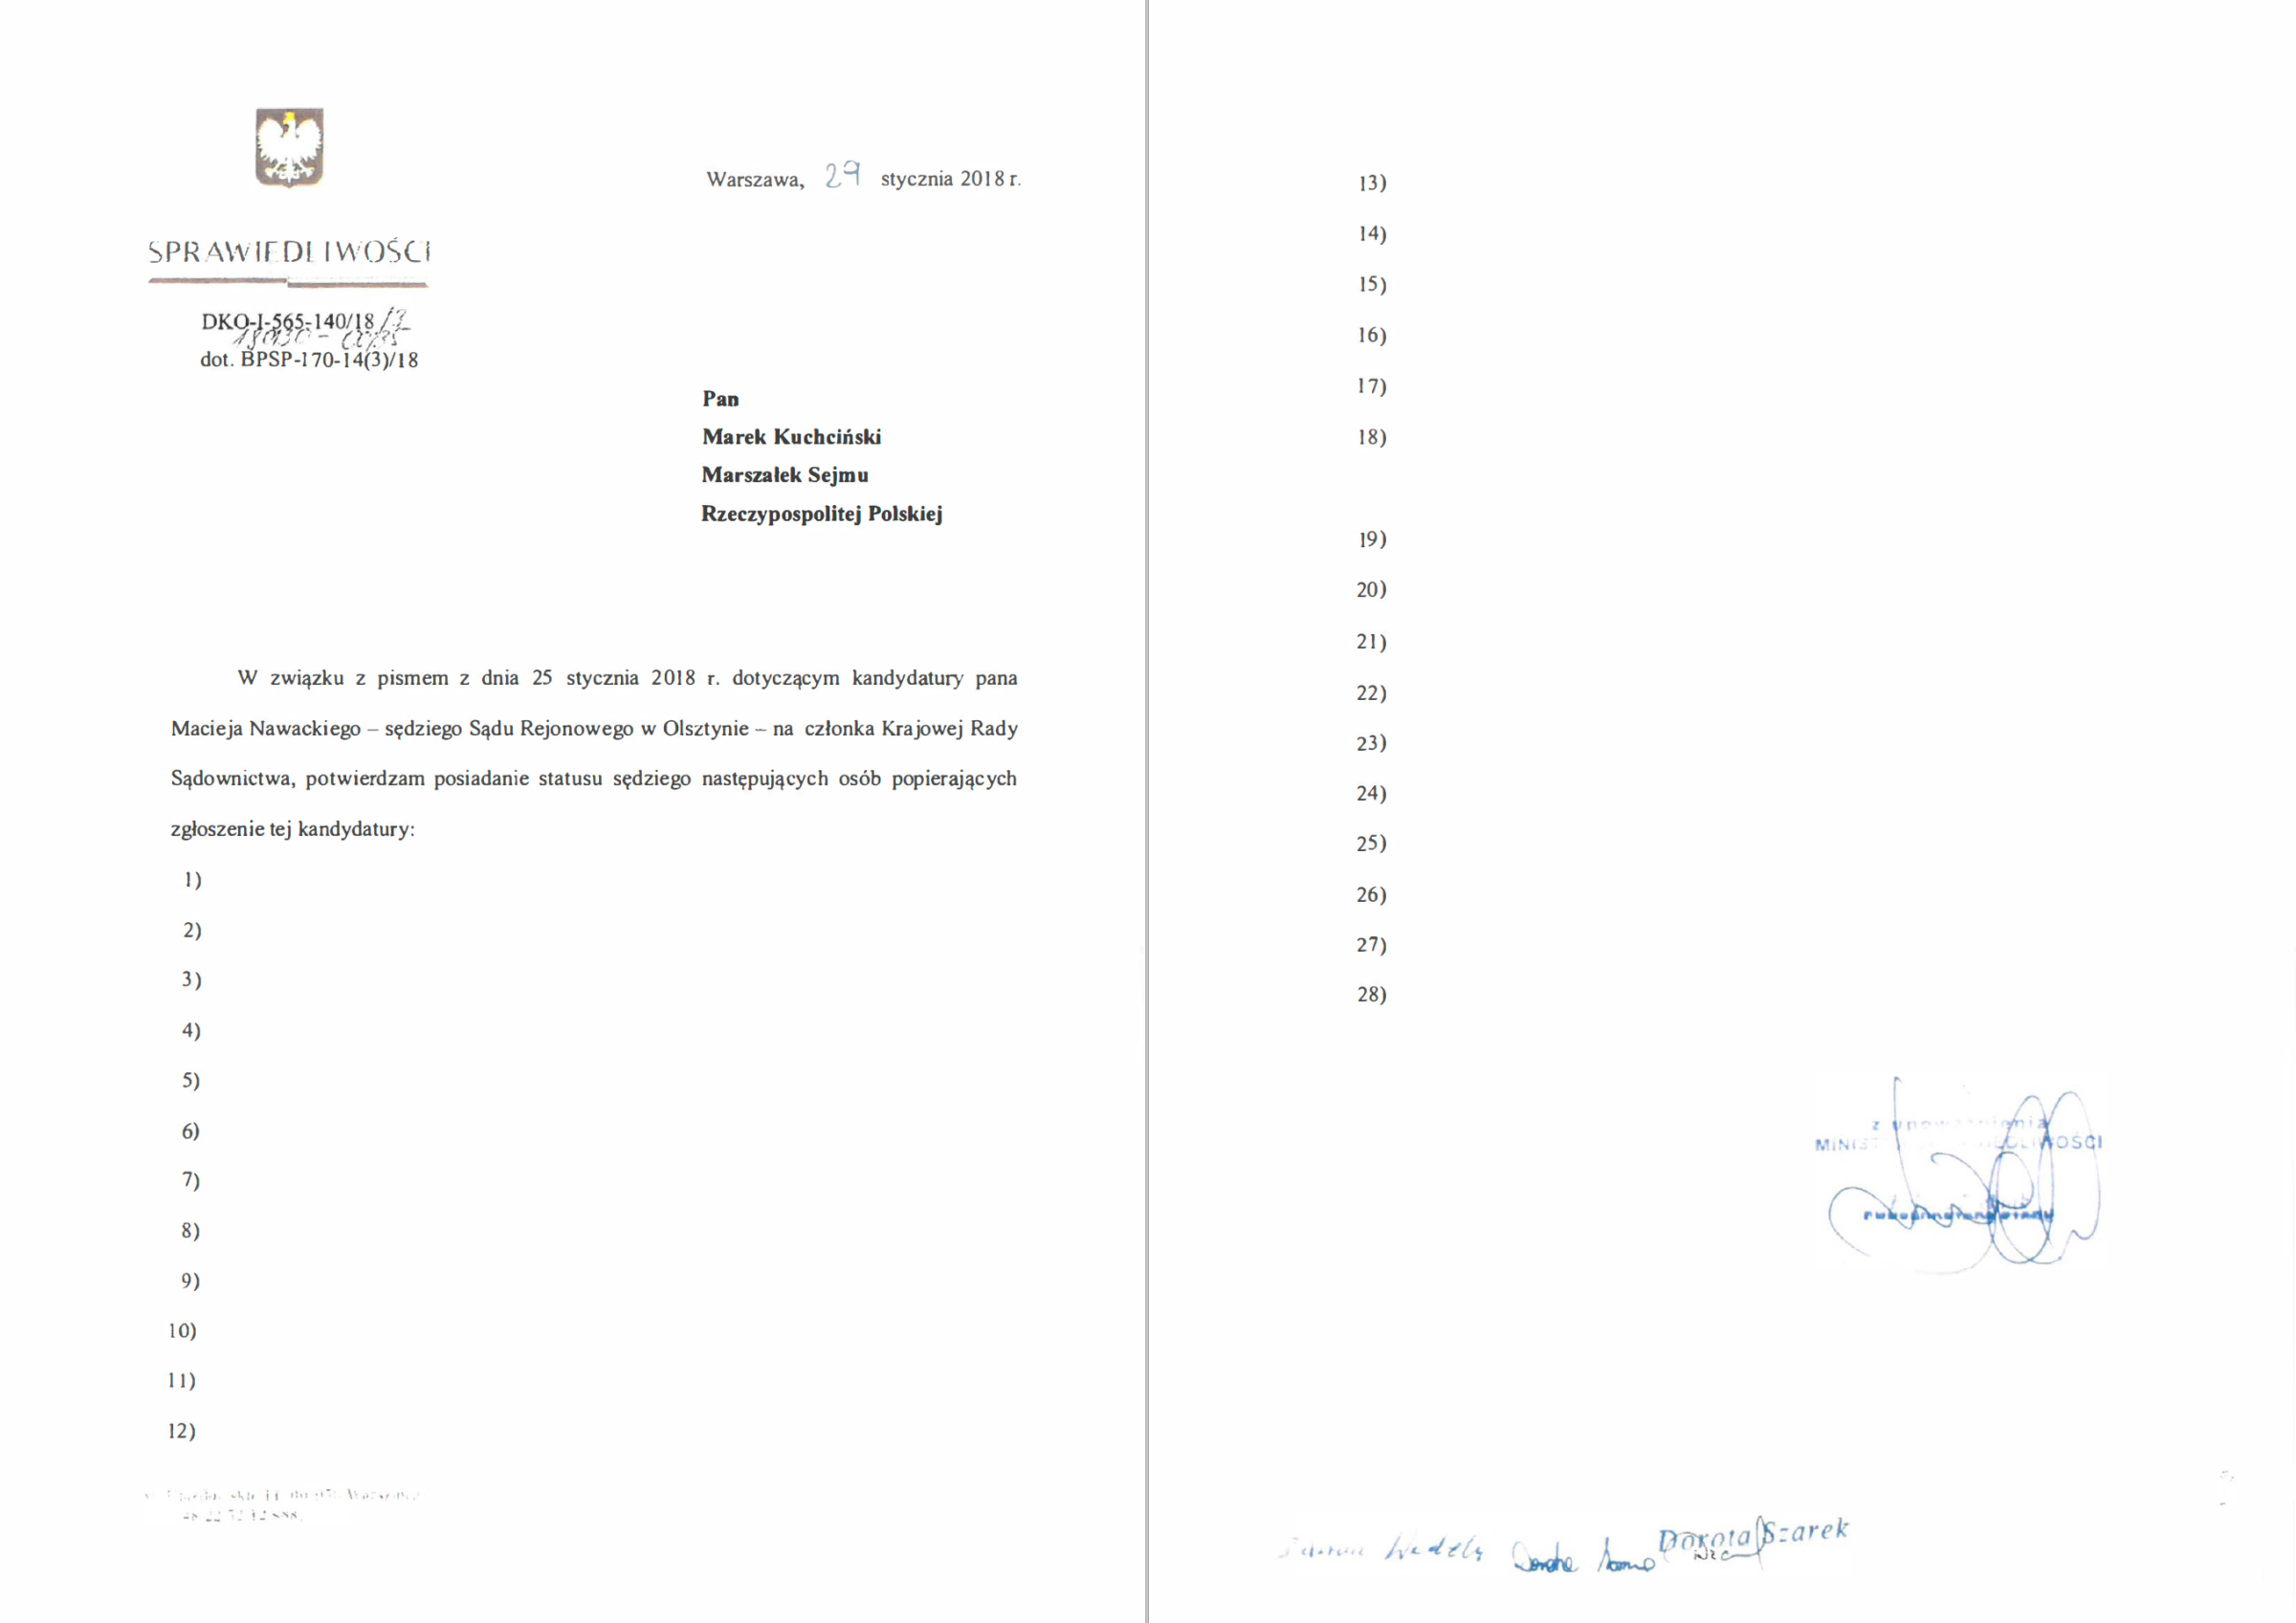 Zanonimizowana przez ministerstwo lista poparcia dla kandydatury sędziego Nawackiego